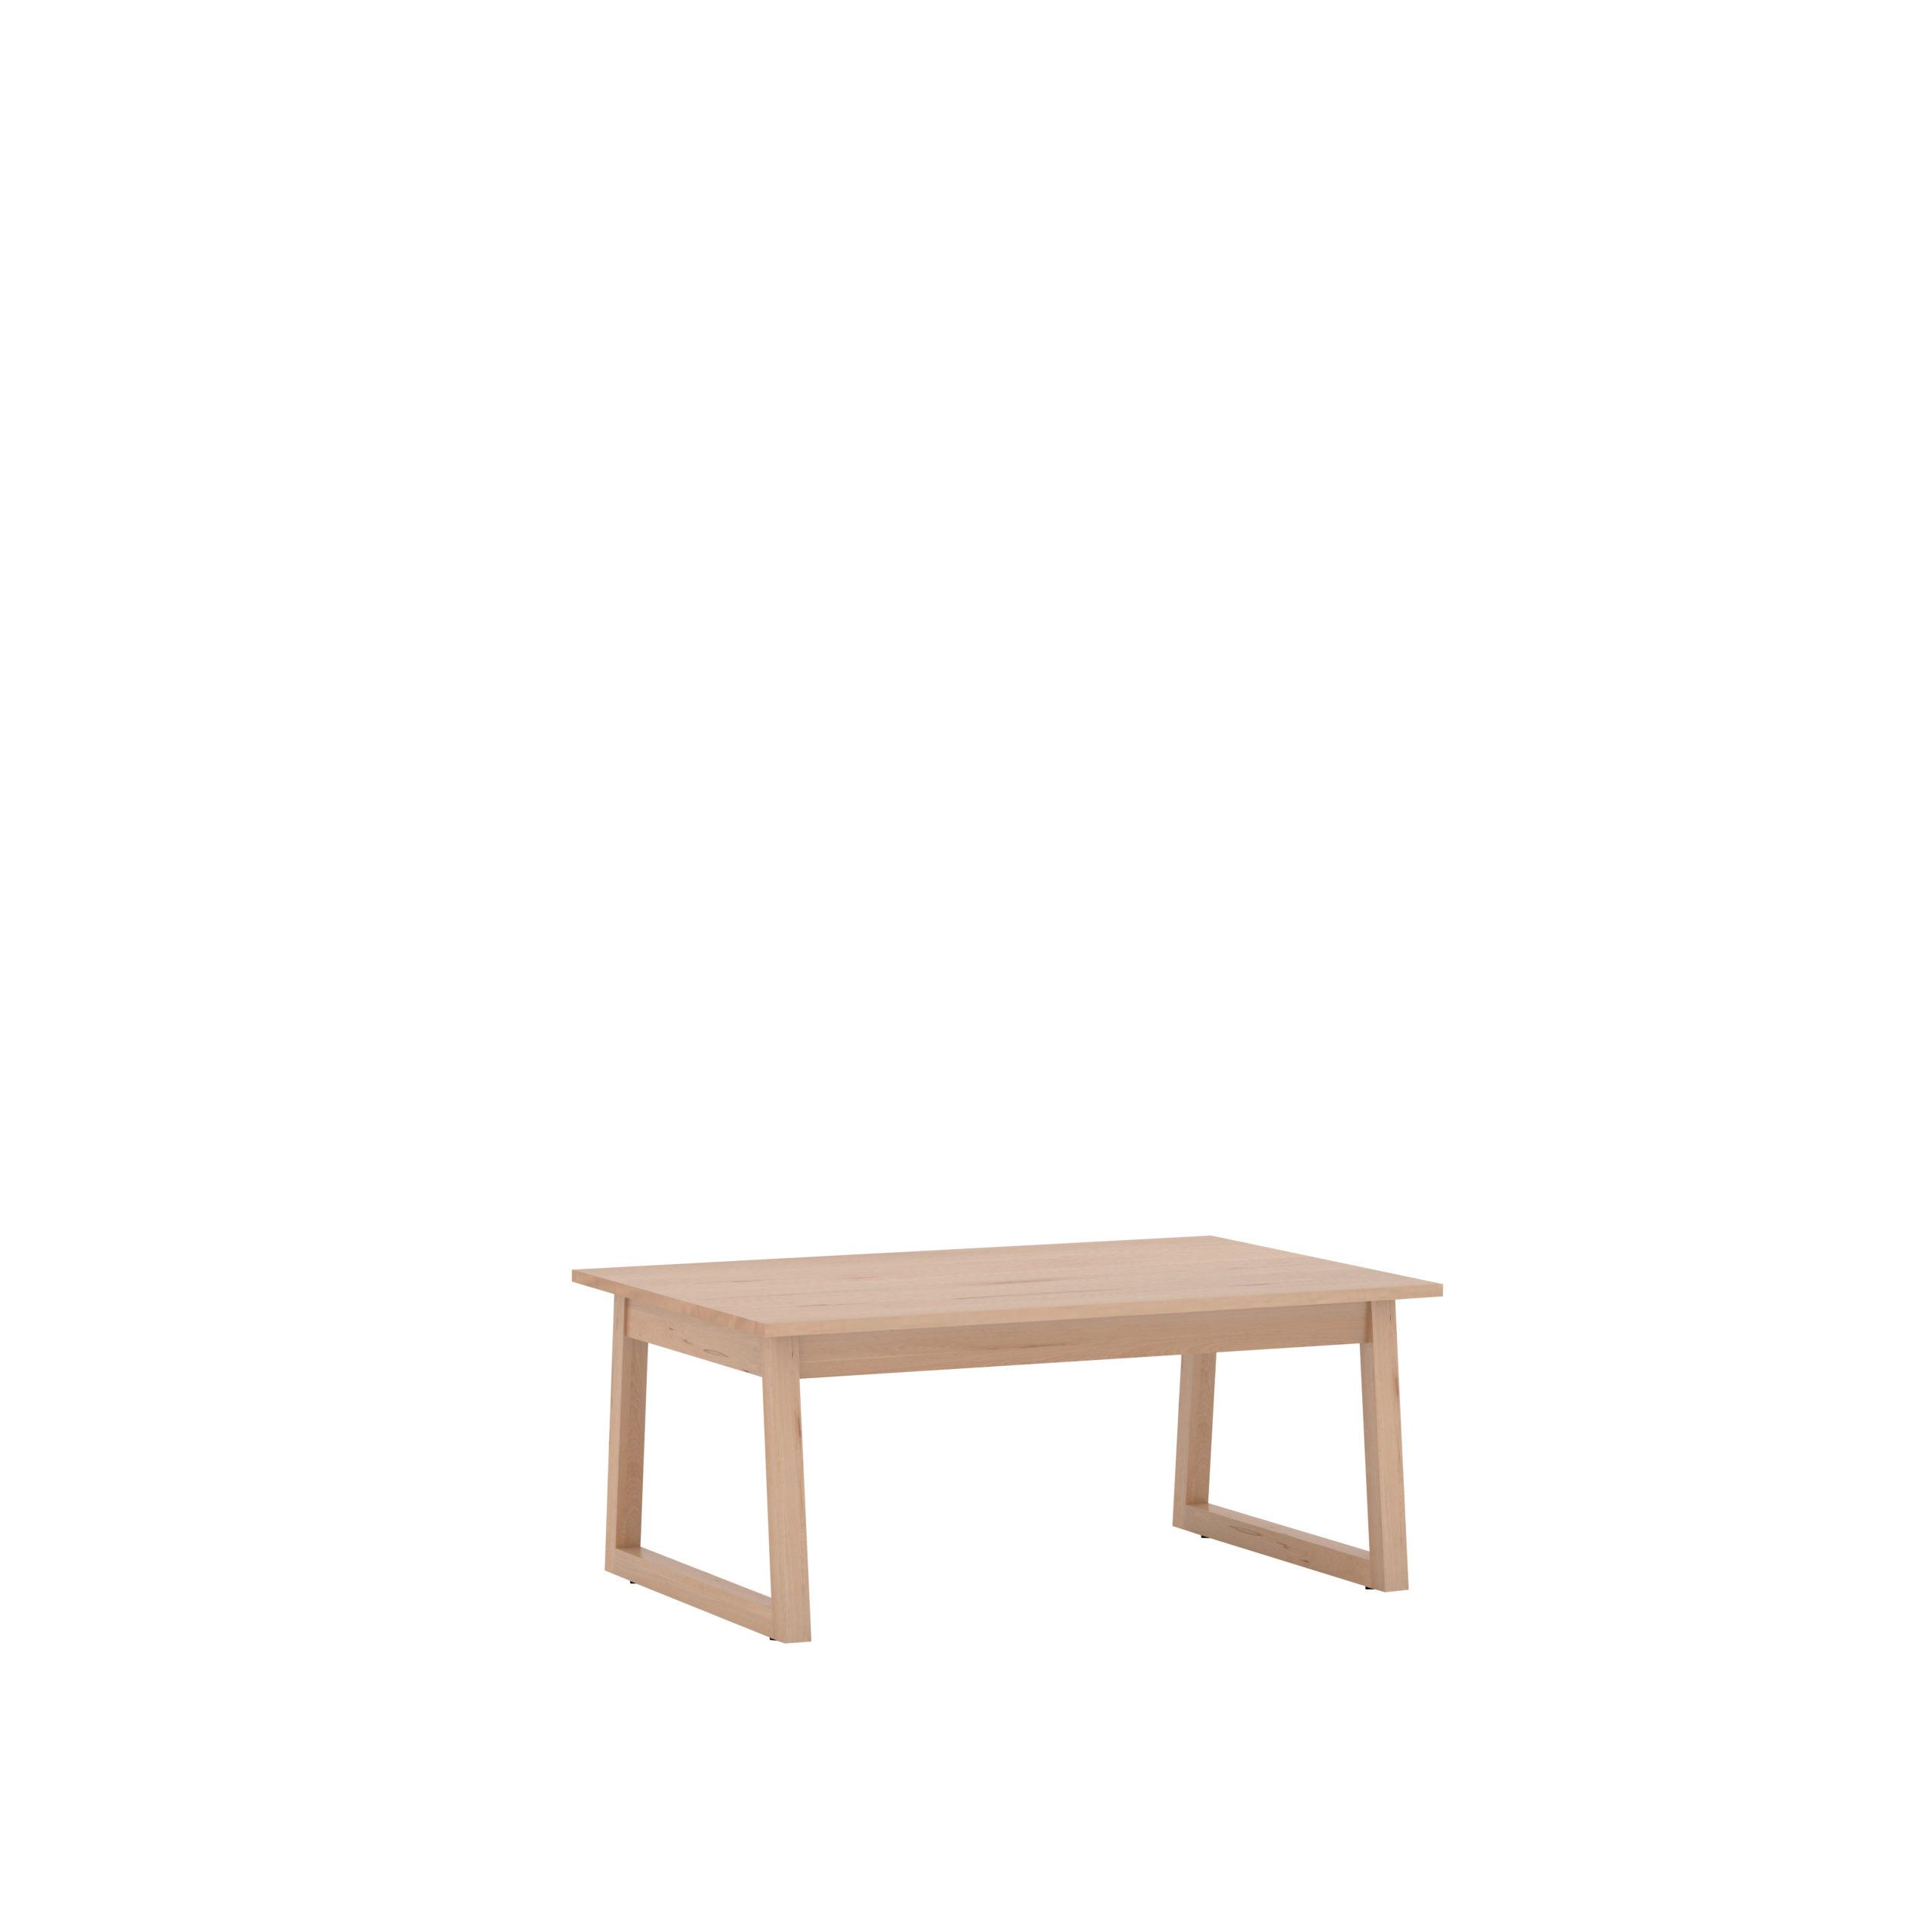 Grande table basse en hêtre avec pieds traineaux, vernie